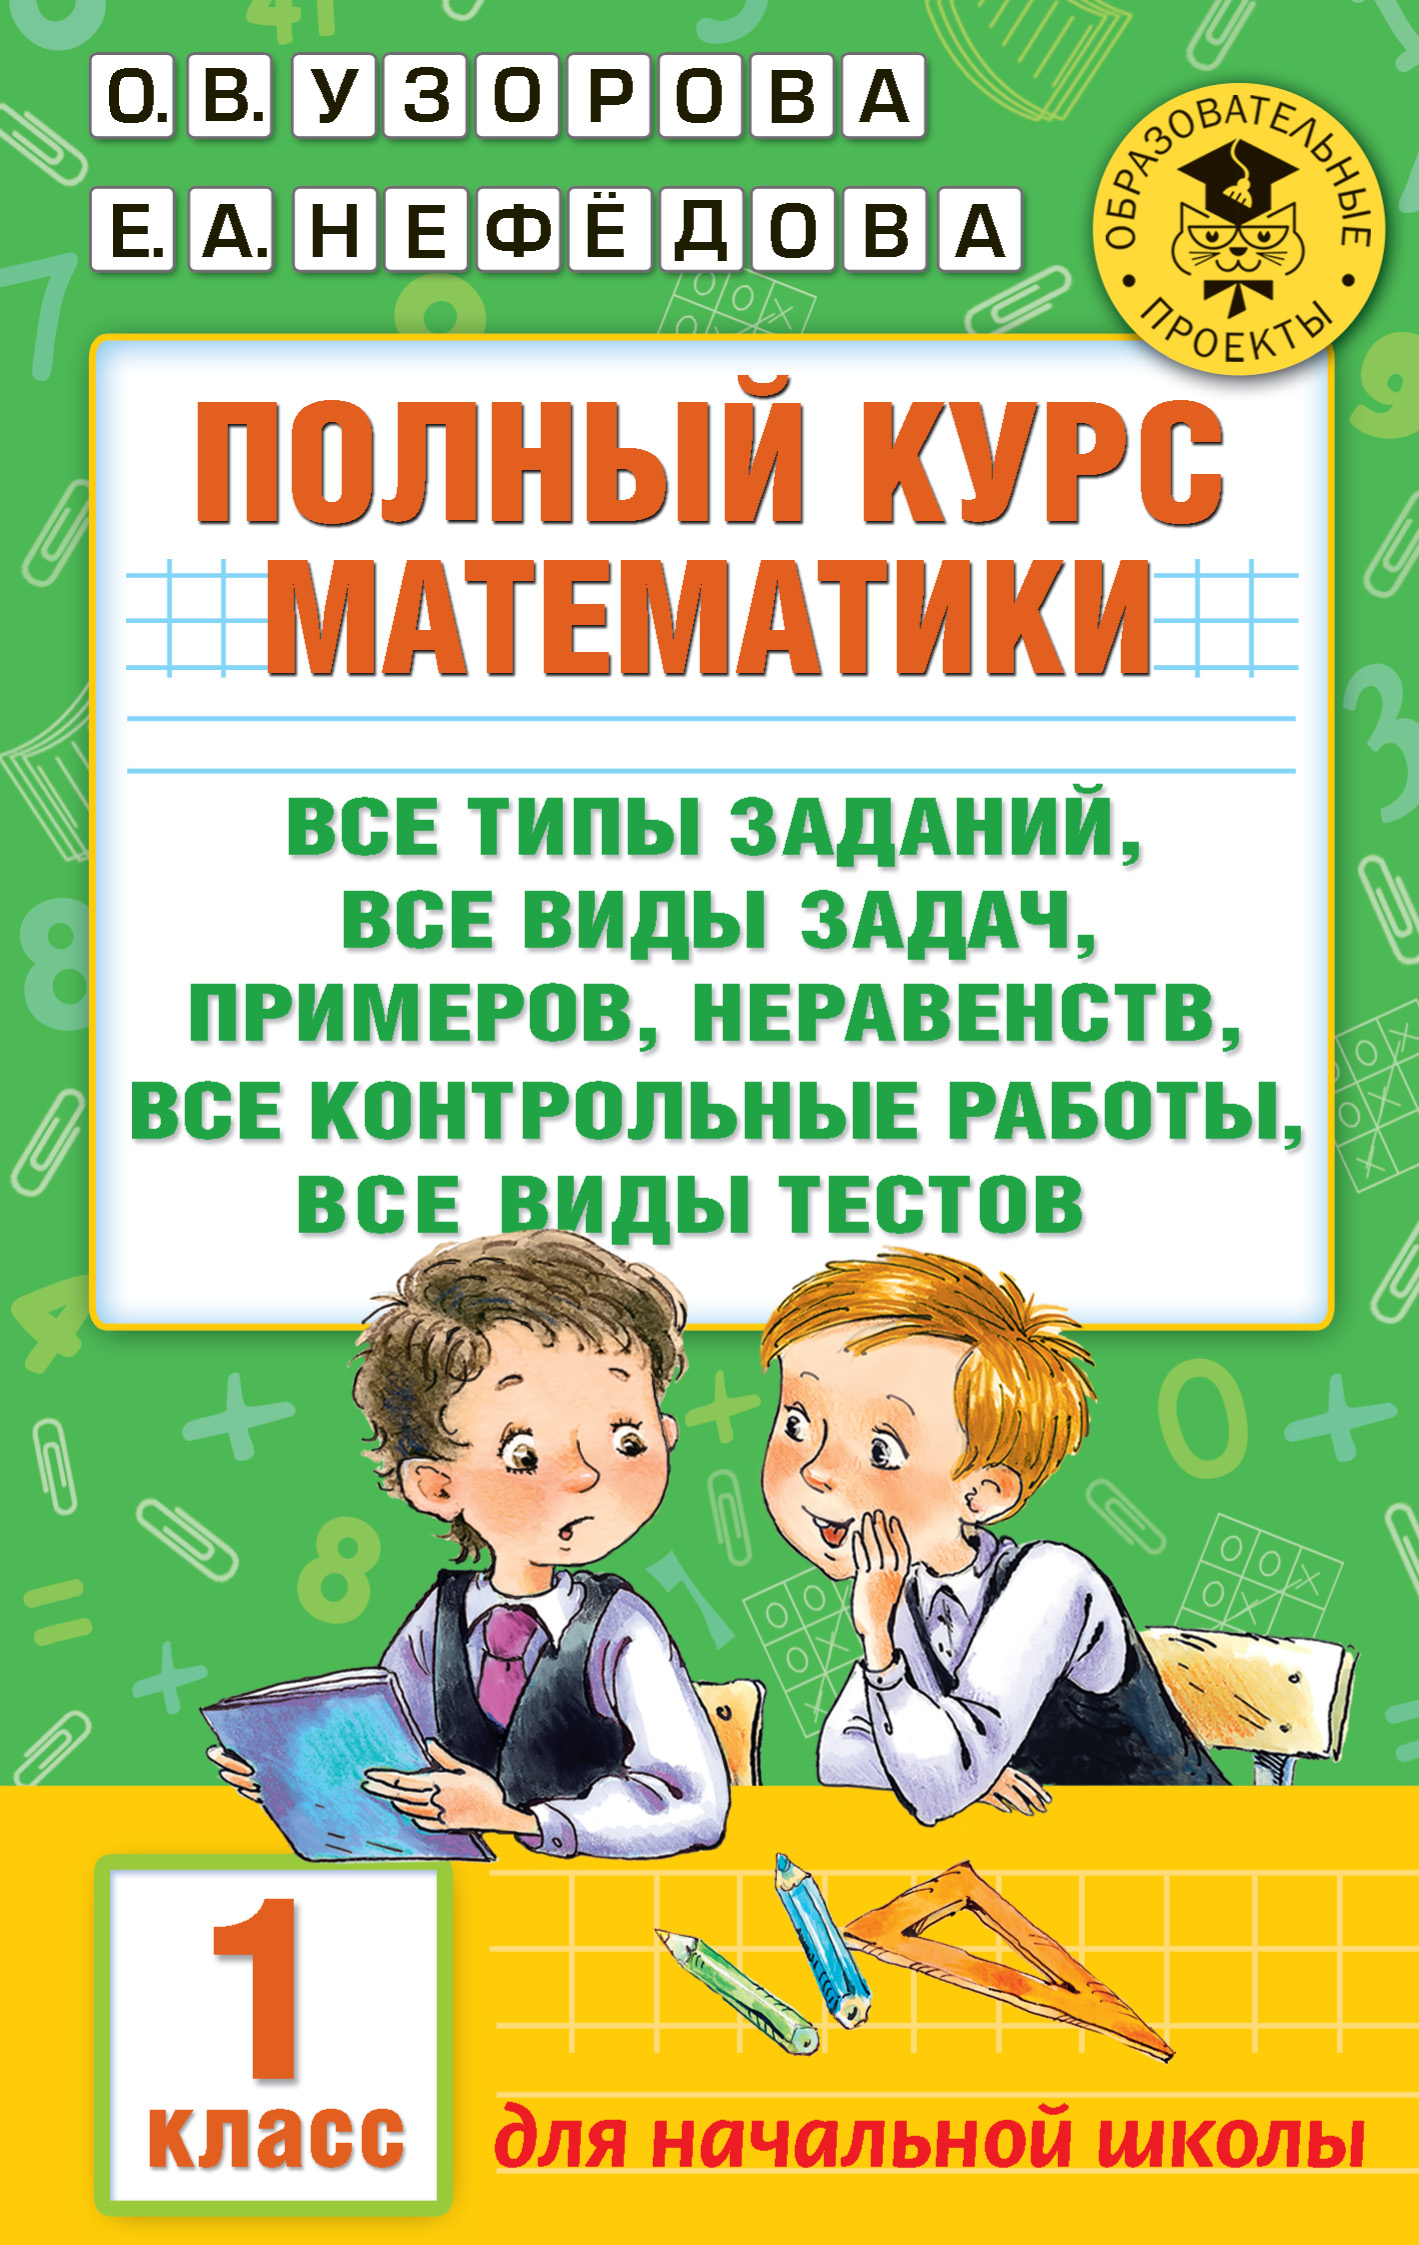 Полный курс математики. Все типы заданий, все виды задач, примеров, неравенств, все контрольные работы, все виды тестов. 1 класс